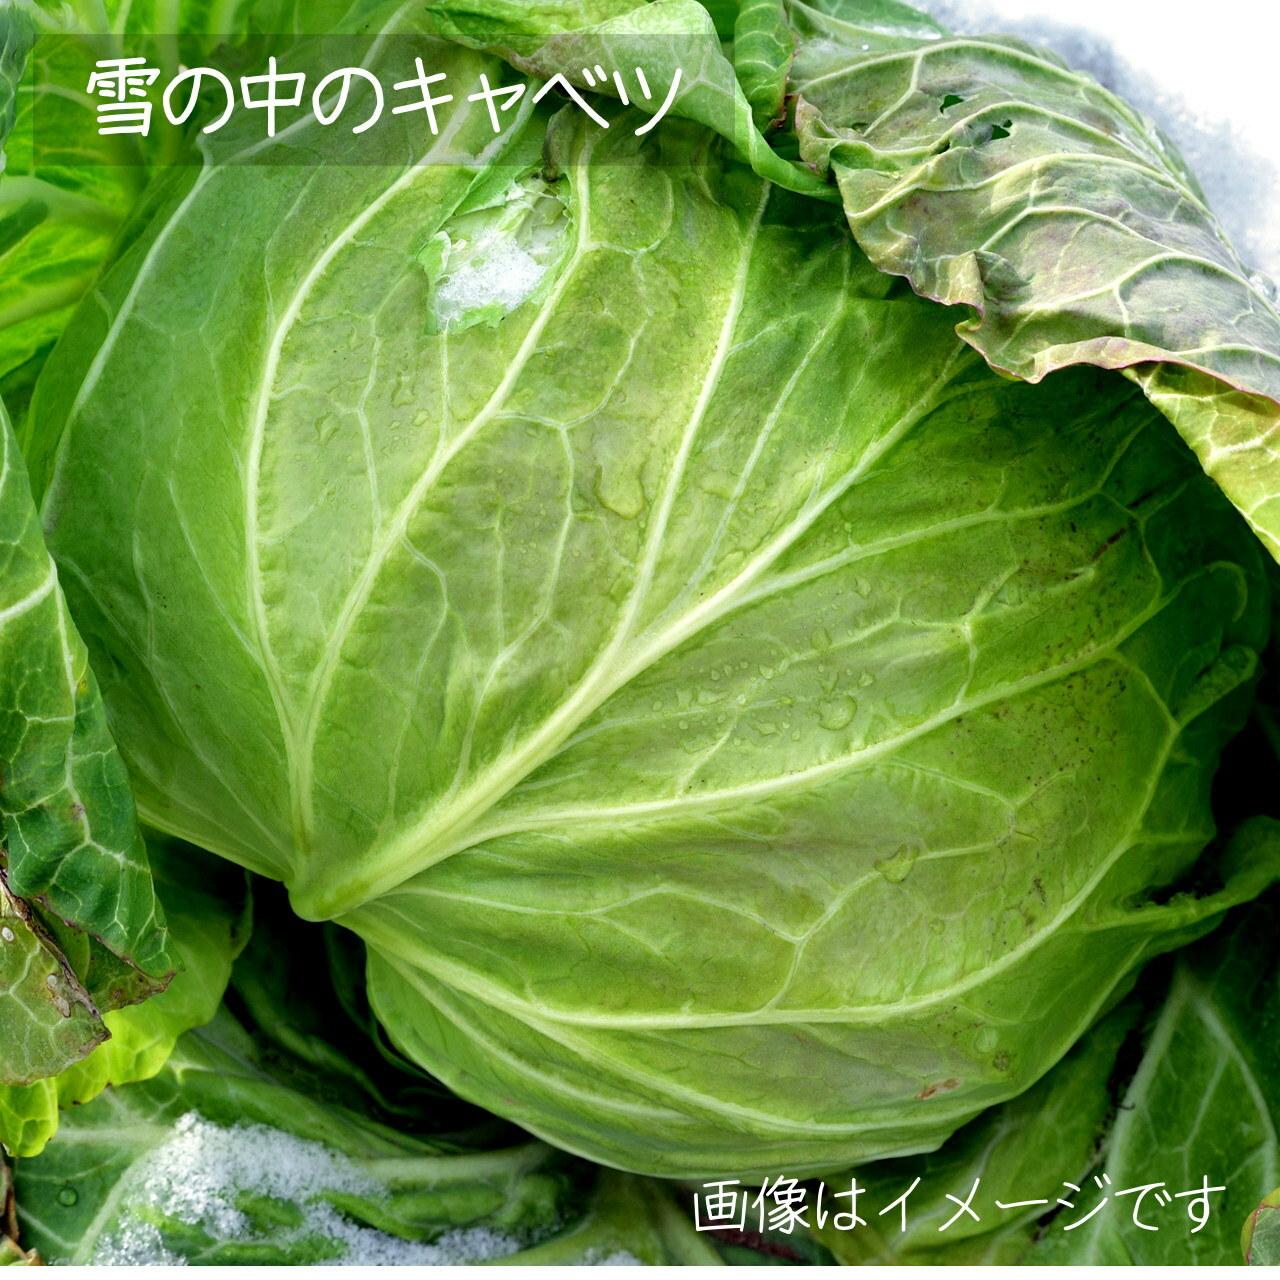 朝採り直売野菜 : キャベツ 1個 7月新鮮夏野菜 7月27日発送予定